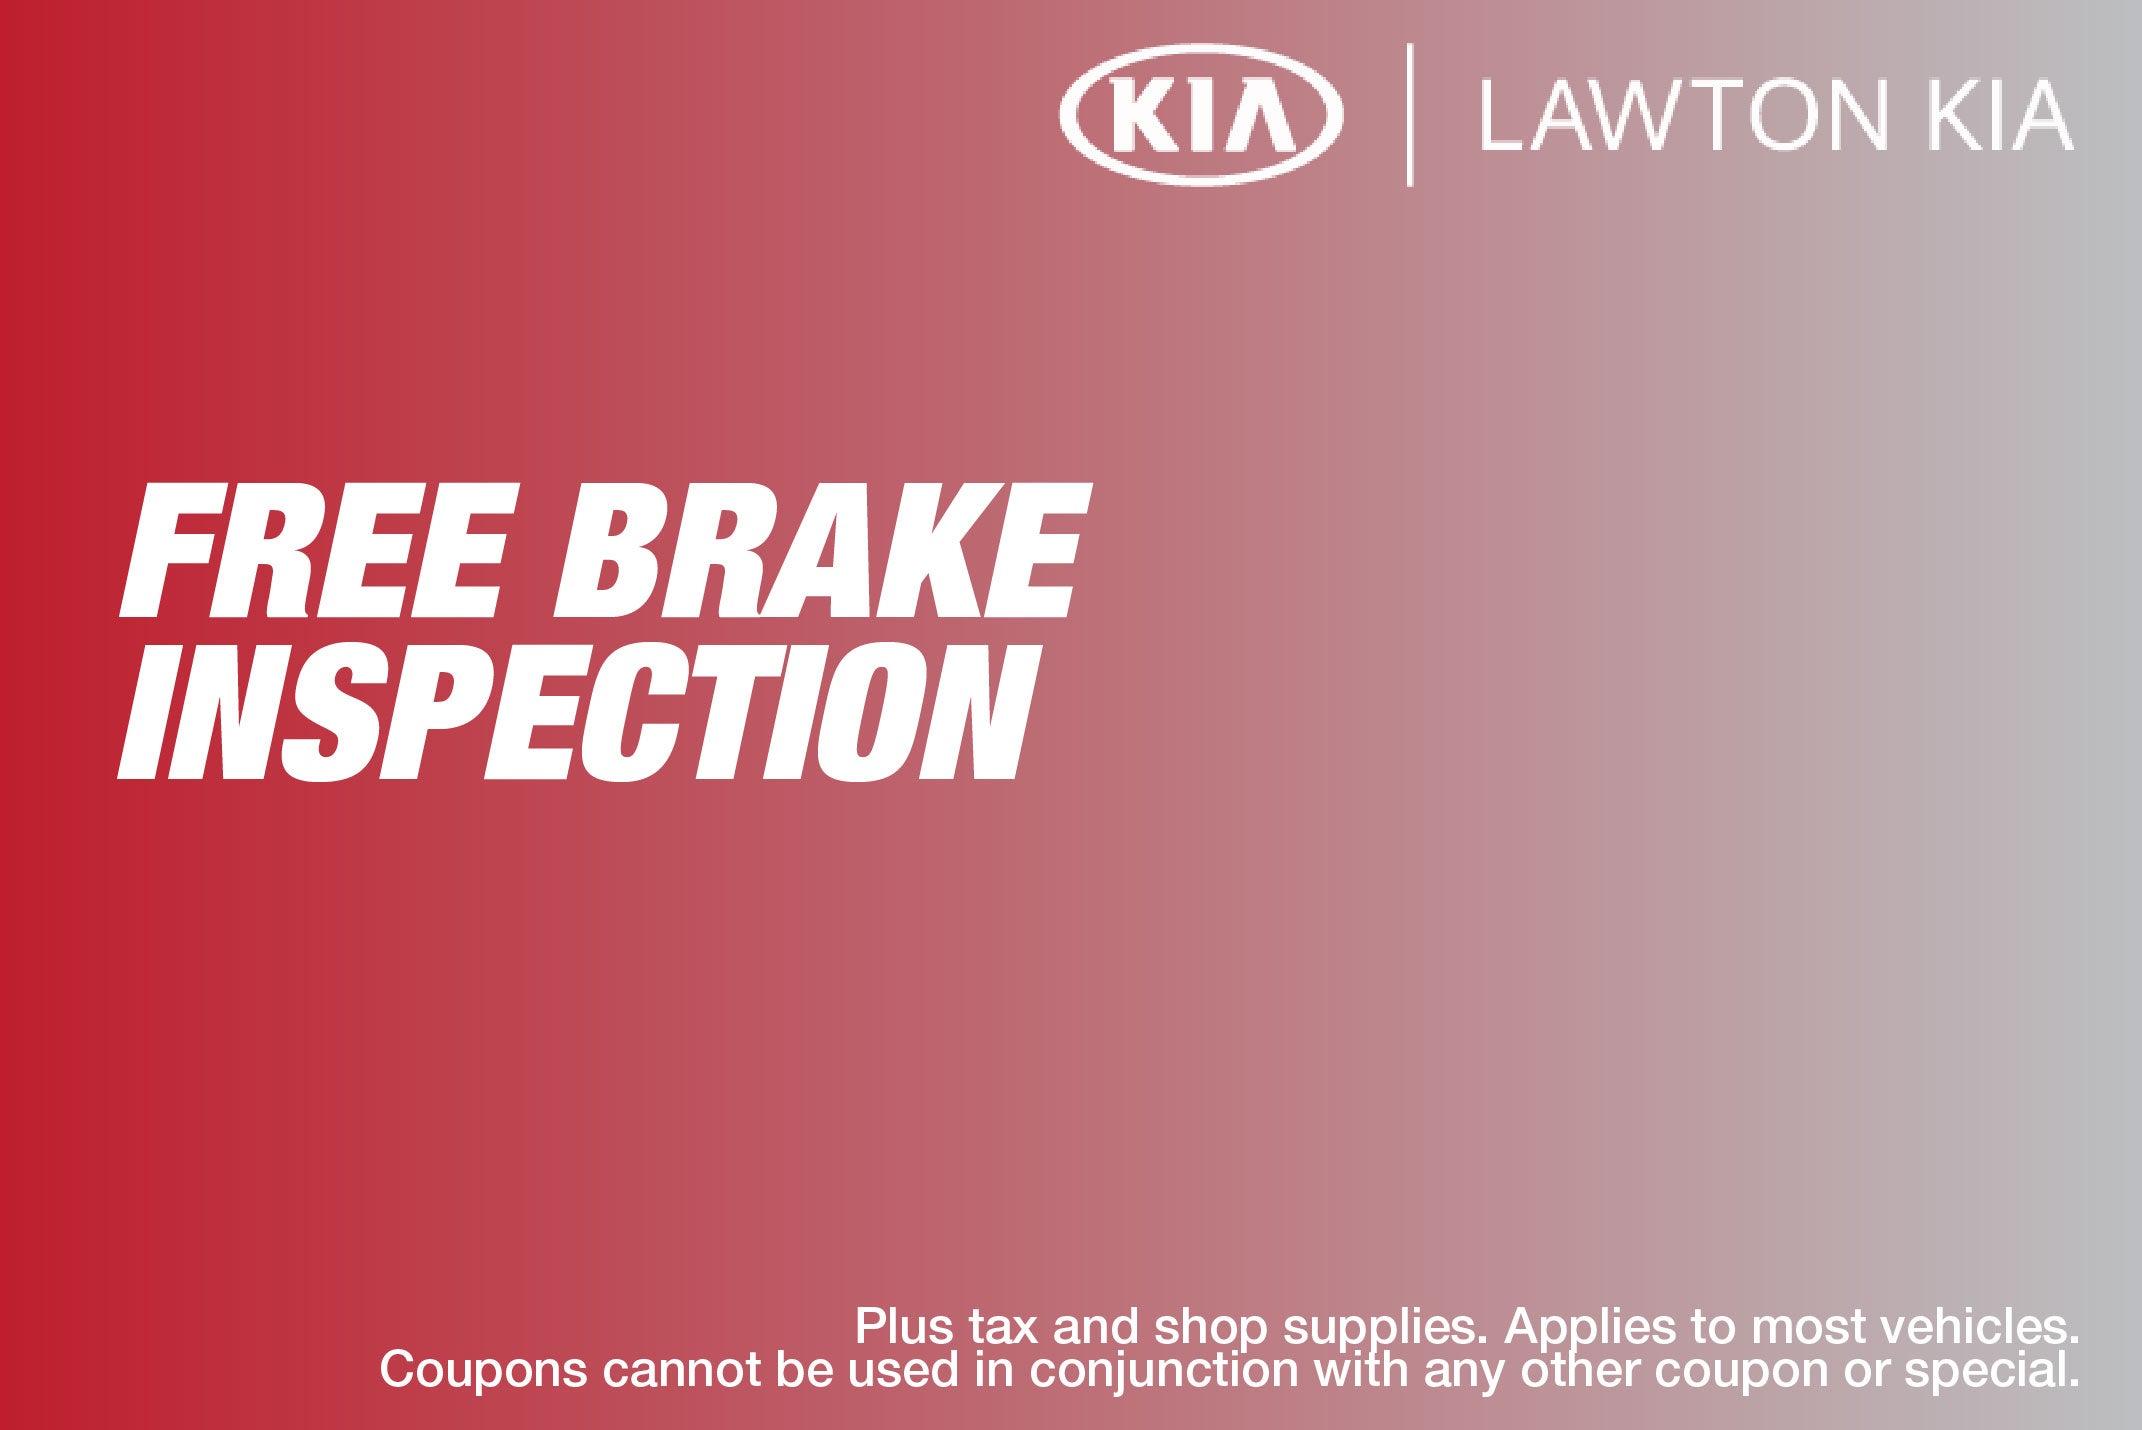 Free Brake Inspection Near Me >> Free Brake Inspection Lawton Kia Specials Lawton Ok